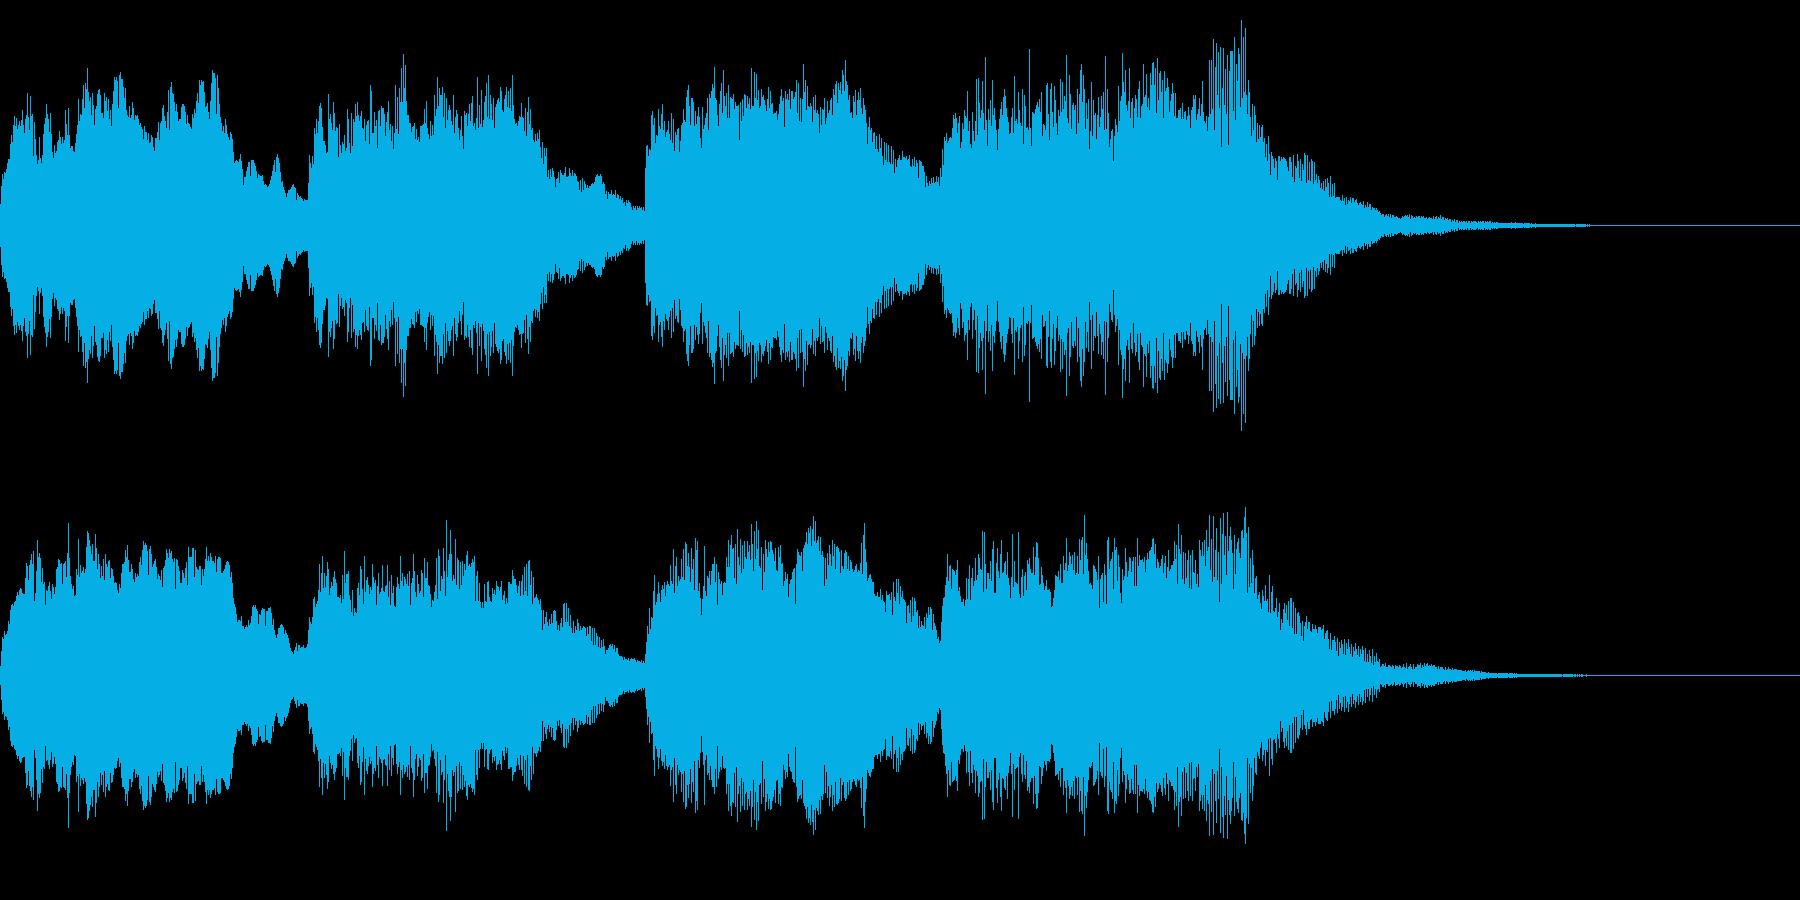 ちゃらりー:トッカータオルガン残念描写の再生済みの波形